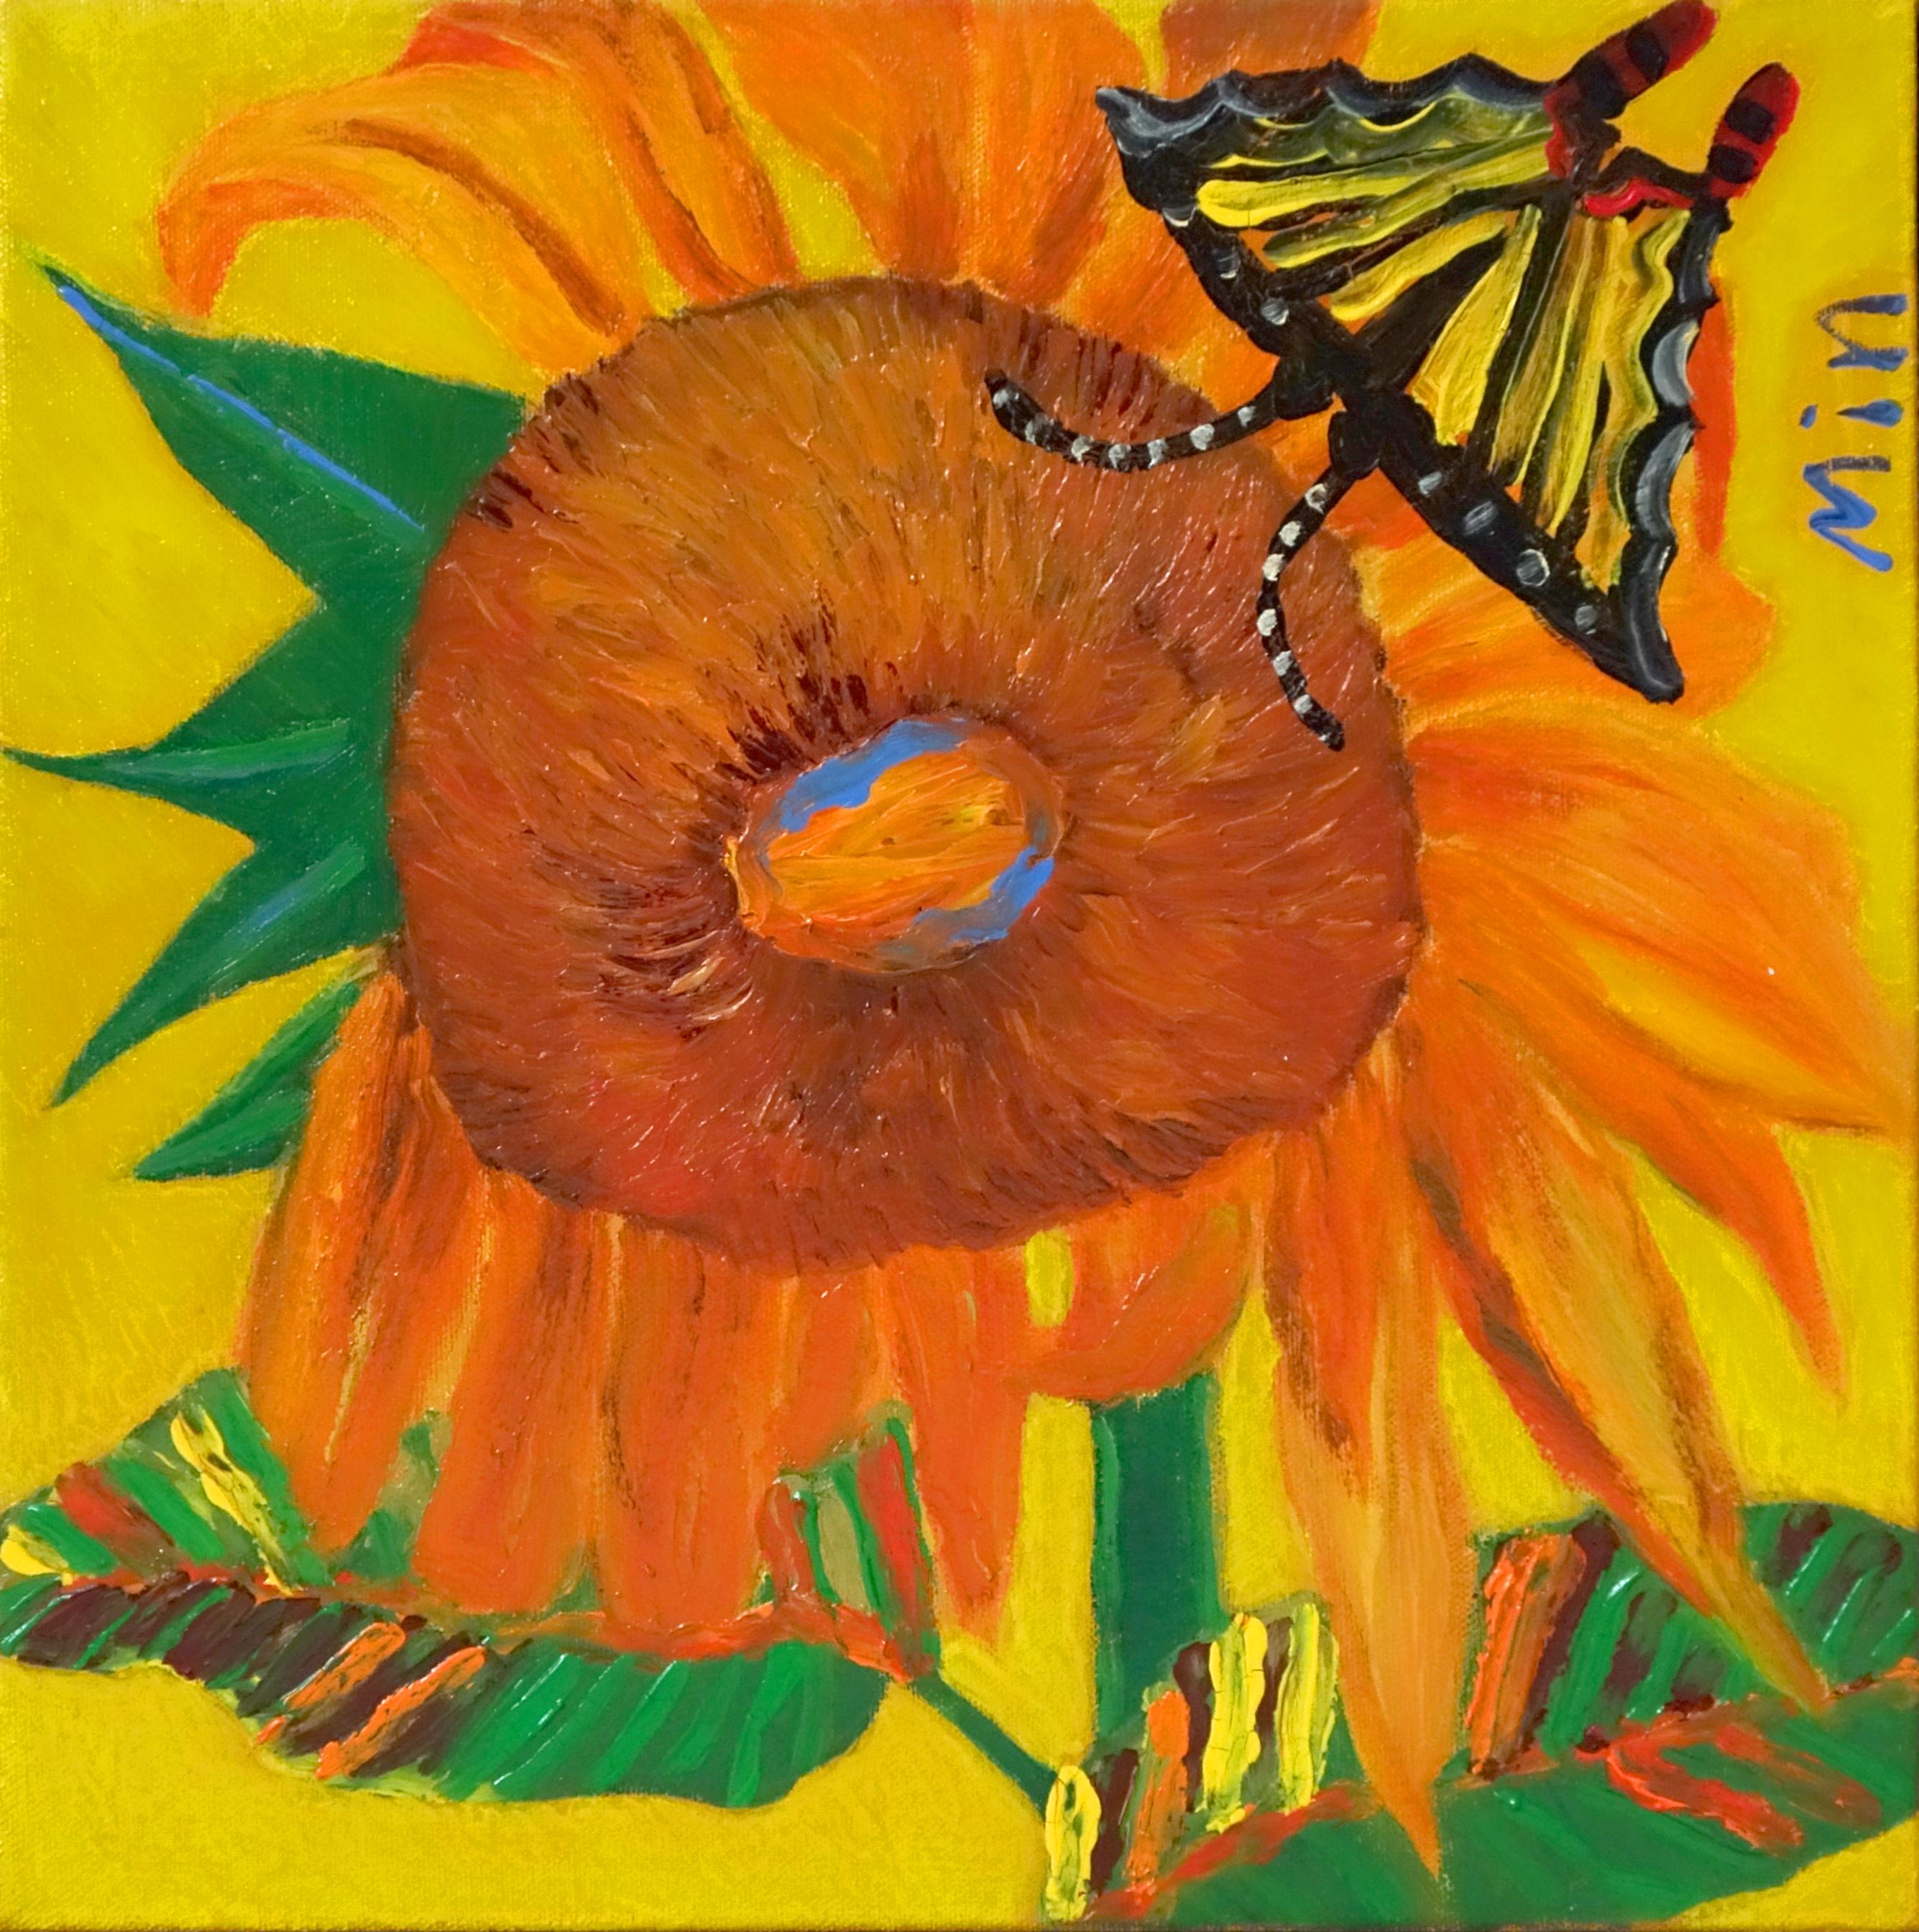 민해정수1, 해바라기, 32 x 32 cm, oil on canvas,